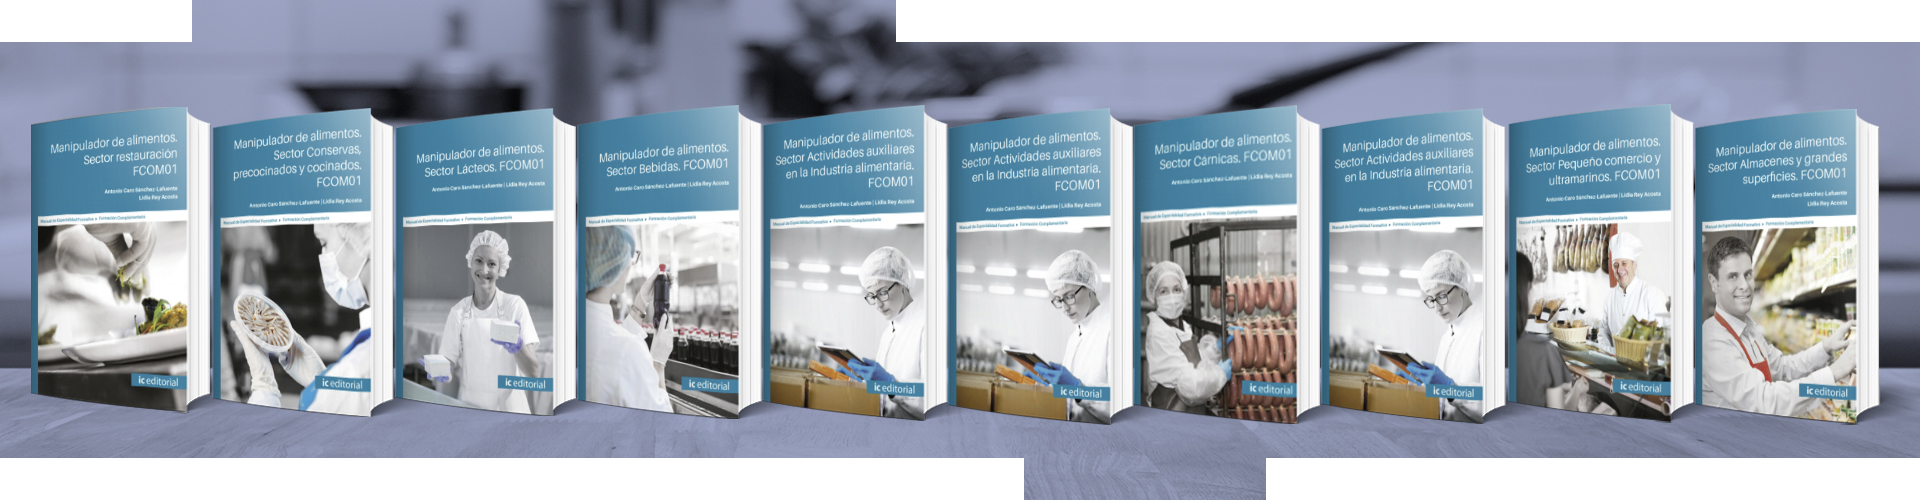 El catálogo de Innovación y Cualificación reúne todo el contenido eLearning en materia de manipulación de alimentos